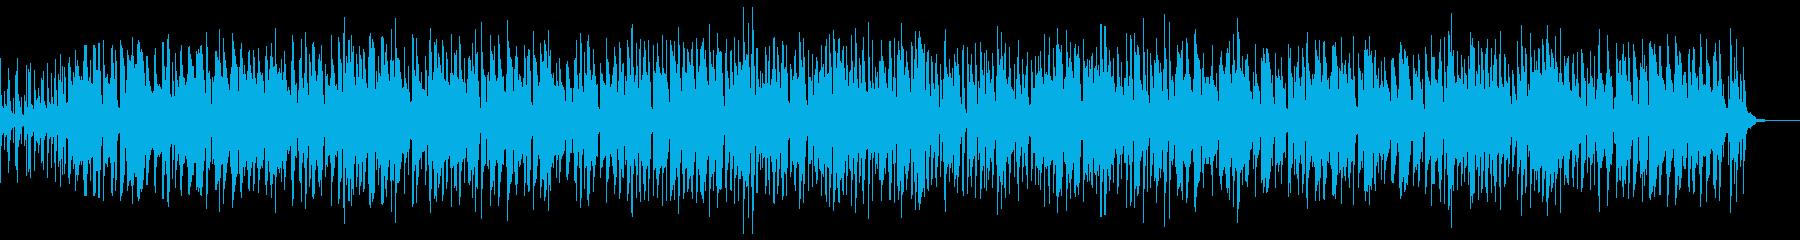 トランペットが奏でるジャズの再生済みの波形